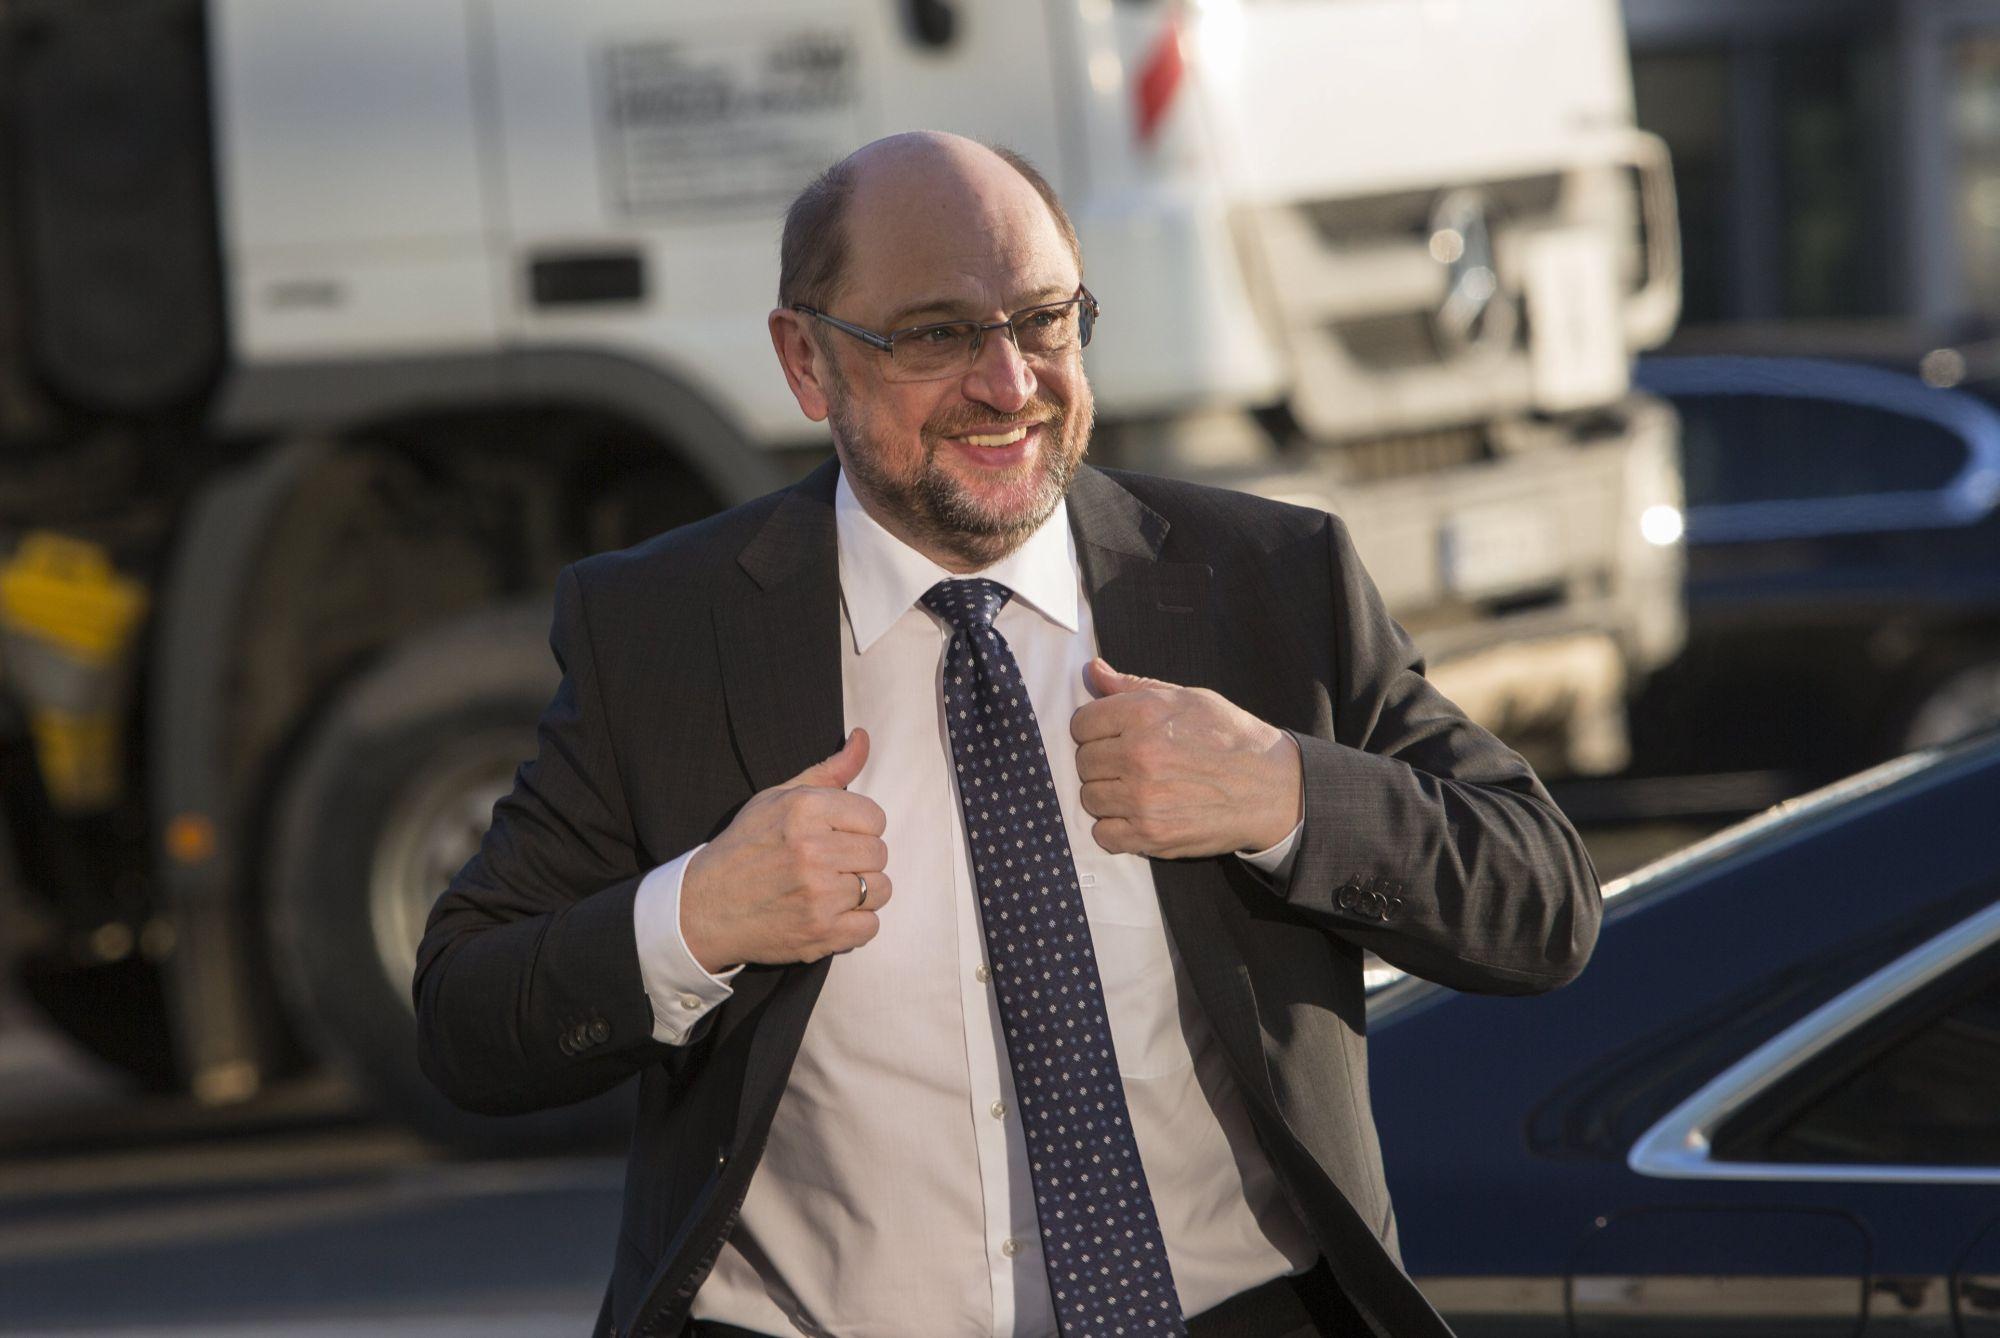 Martin Schulz, a Német Szociáldemokrata Párt (SPD) elnöke érkezik az Angela Merkel kancellár vezette Kereszténydemokrata Unió (CDU) berlini székházához, a Konrad Adenauer-házhoz 2018. február 6-án, az SPD és a CDU, valamint az utóbbi bajor testvérpártja, a Keresztényszociális Unió (CSU) vezetősége közti koalíciós tárgyalások újabb fordulójának napján. (MTI/EPA/Omer Messinger)